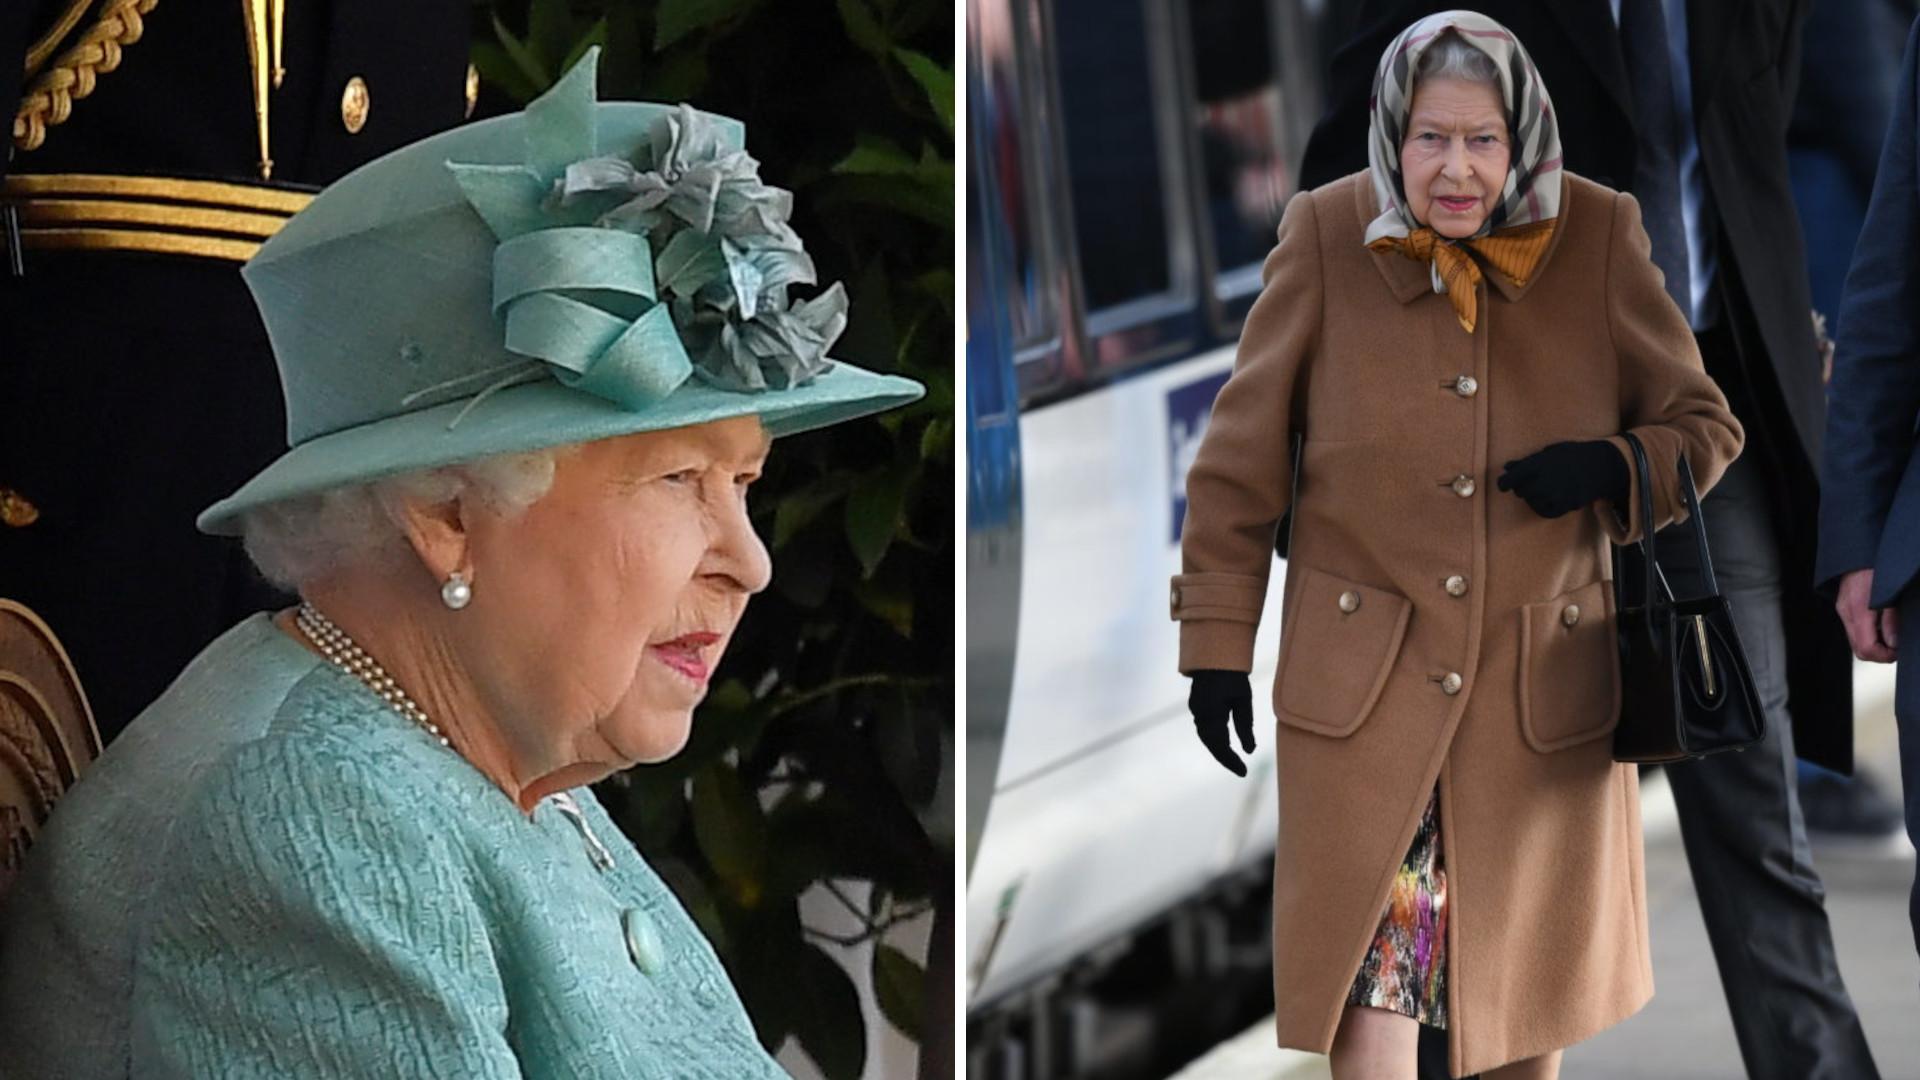 Królowa Elżbieta II zaszczepi się na COVID-19. Dobry przykład?